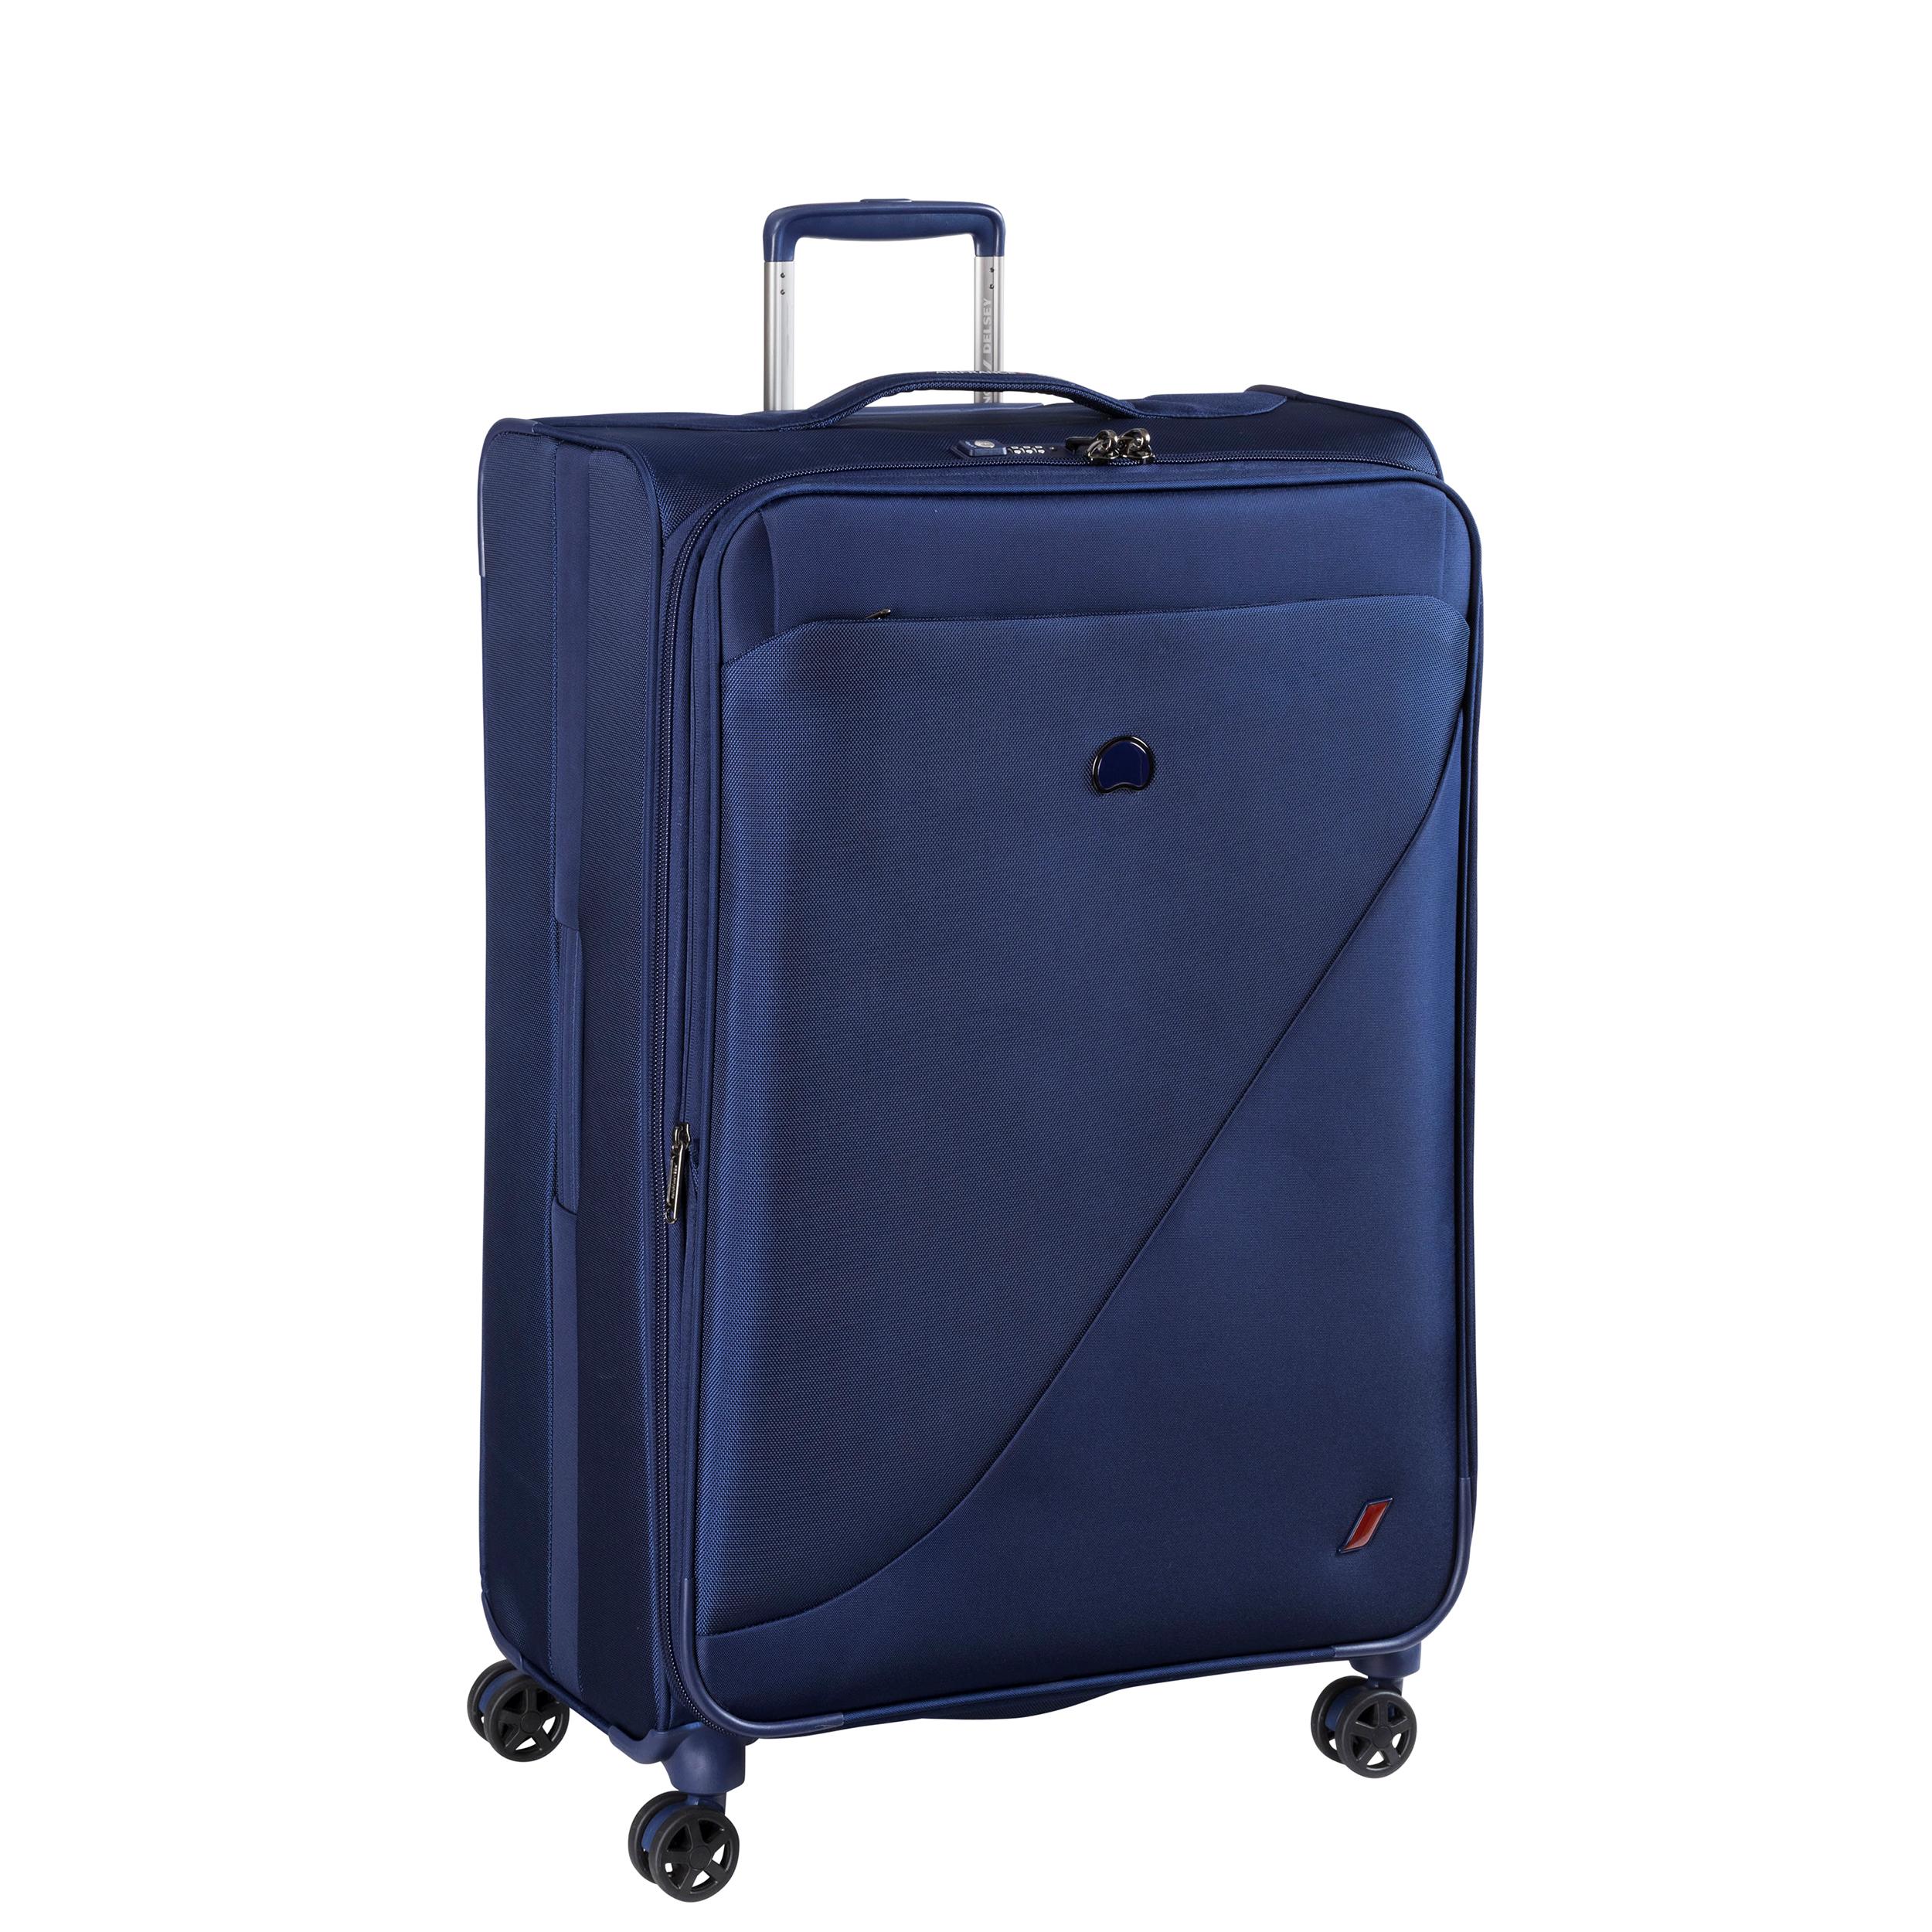 چمدان دلسی مدل NEW DESTINATION کد 2004821 سایز بزرگ